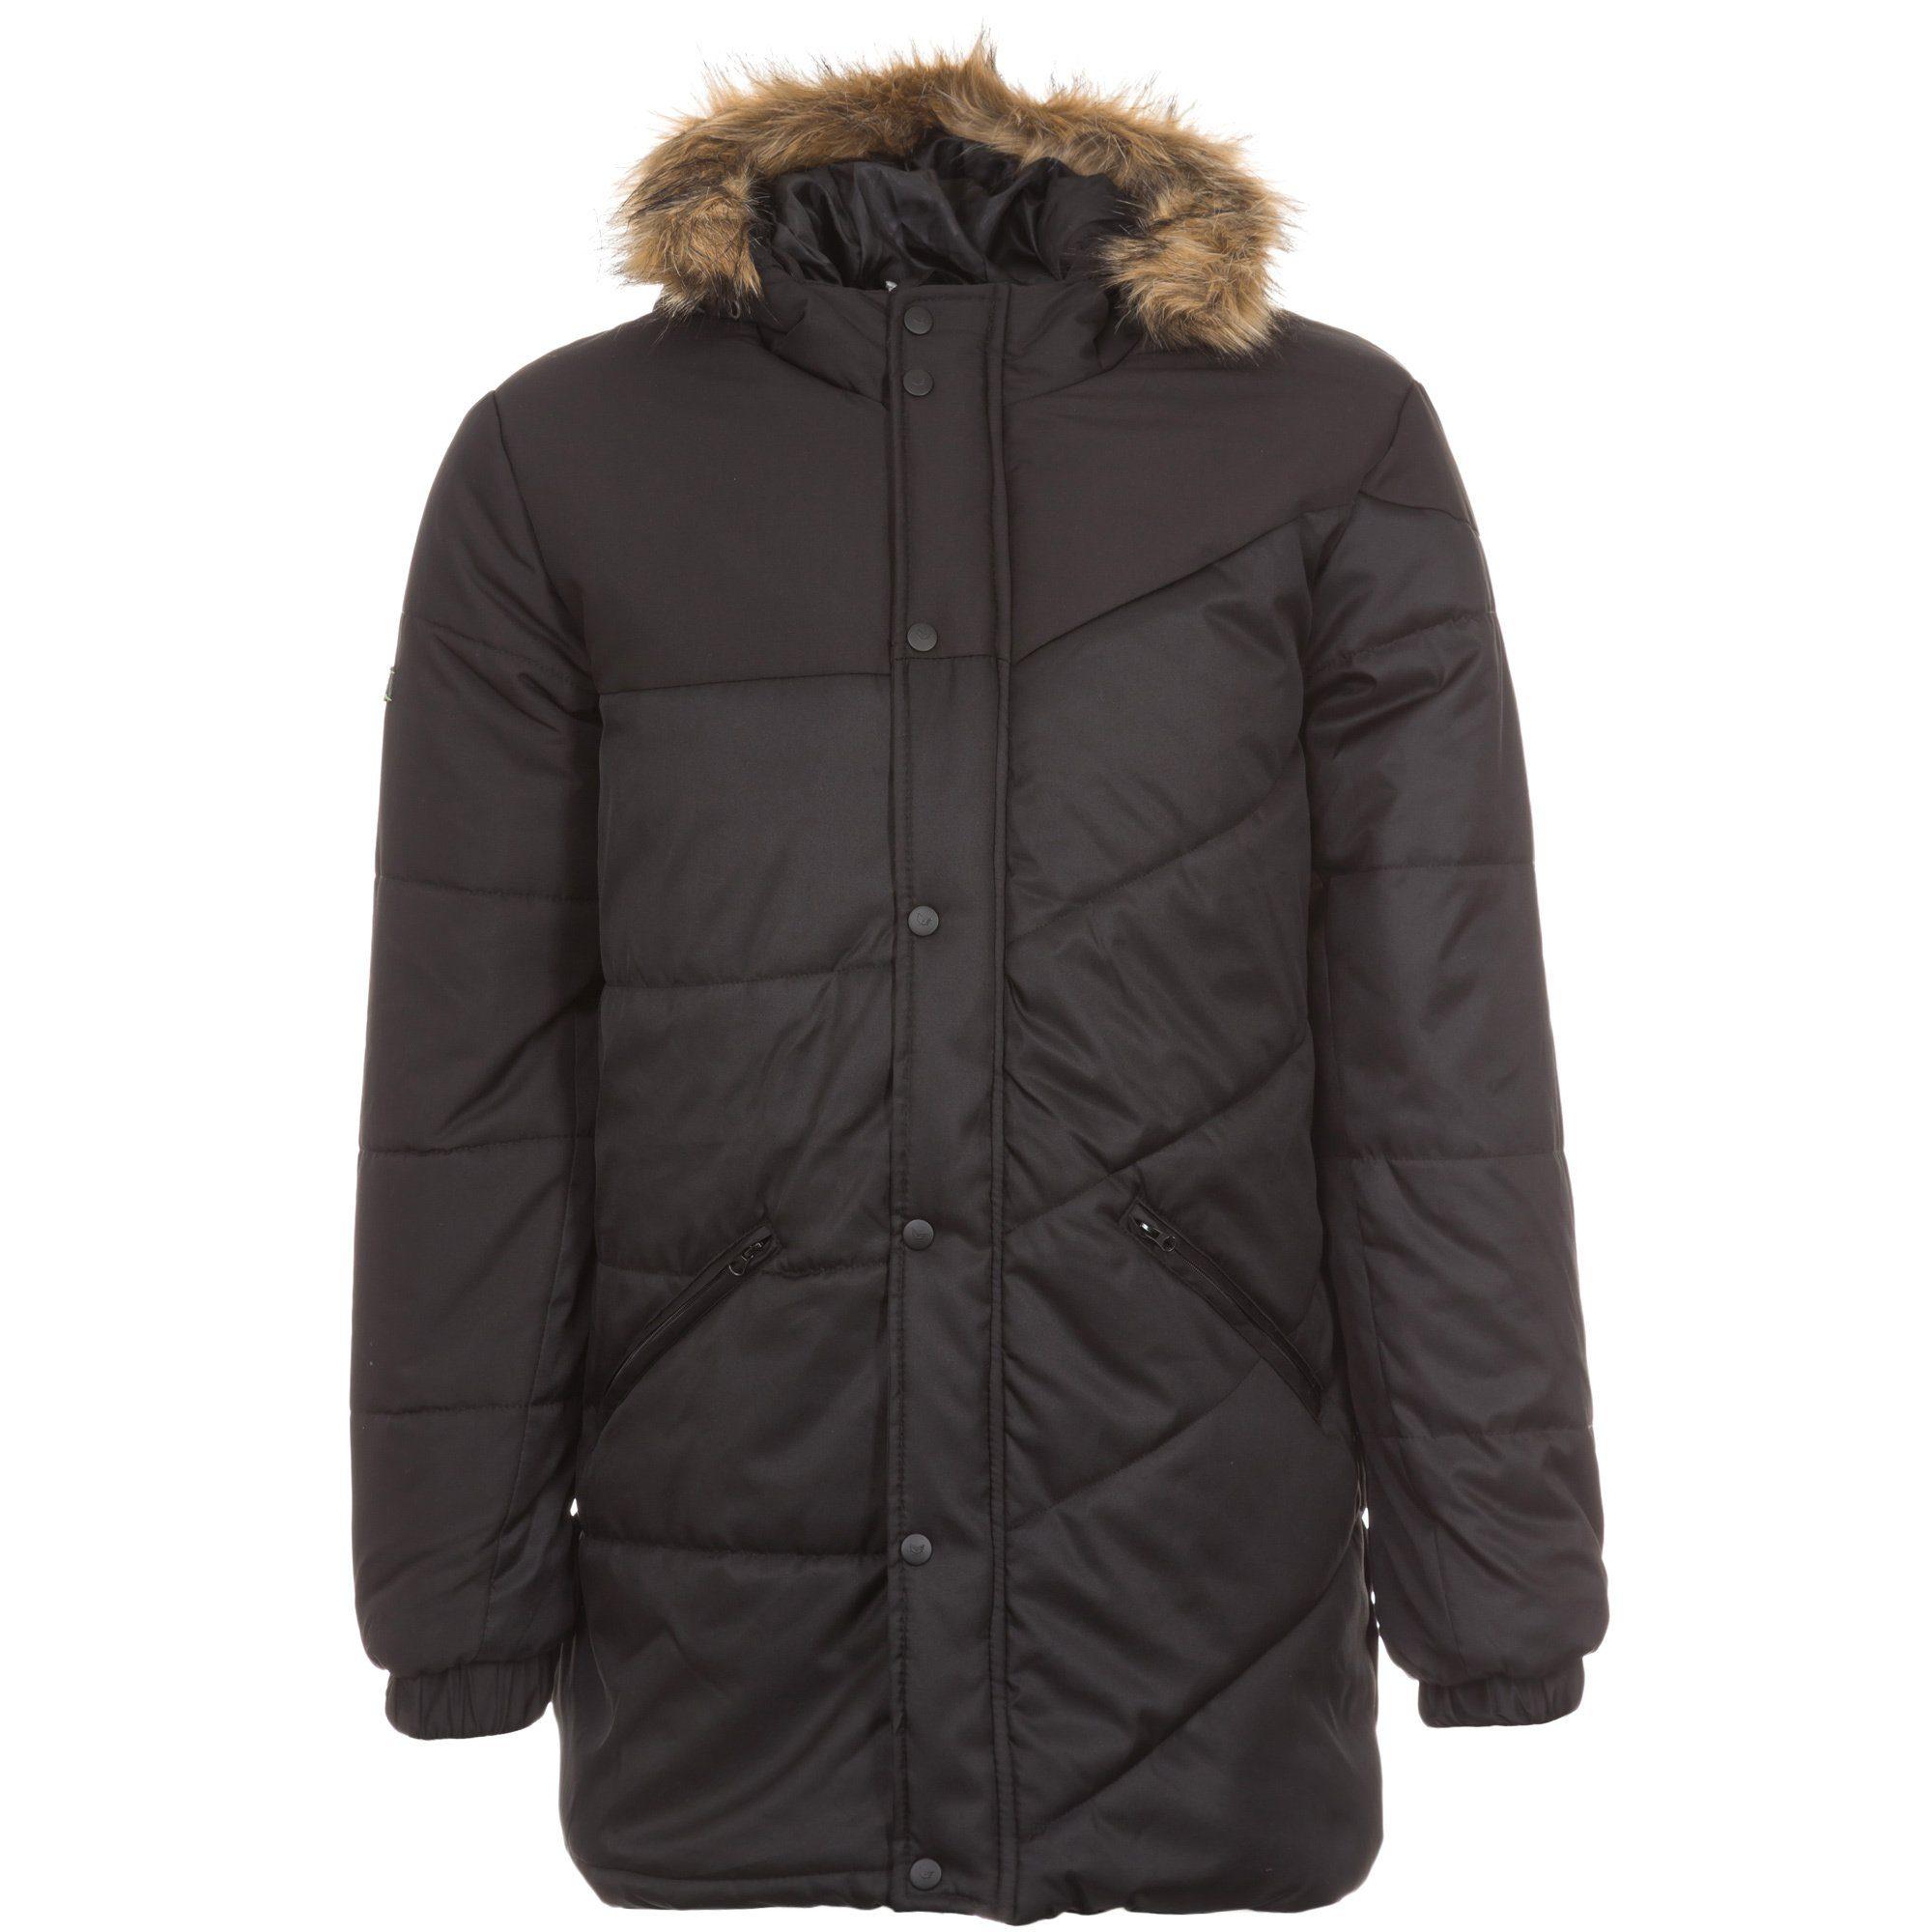 Winterjacke Winterjacke Herren One One Erima Premium Erima Premium 5xxA7qB8